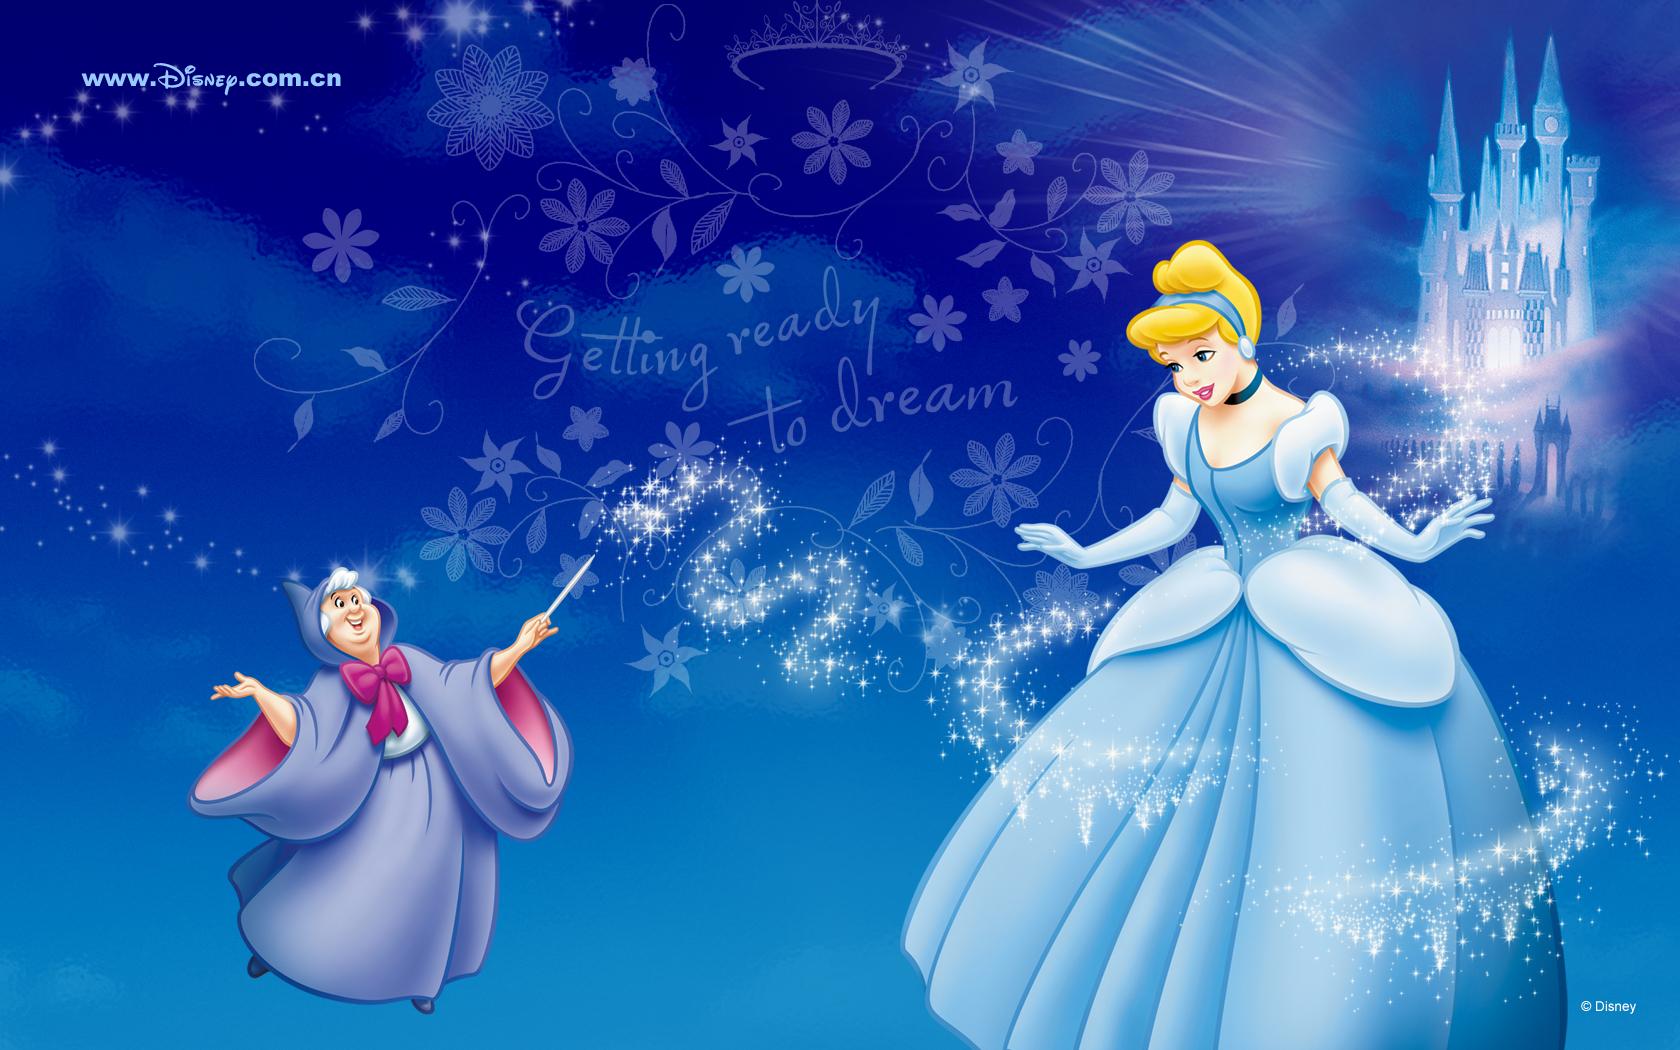 斯尼的白雪公主人物高清图片素材2 13P